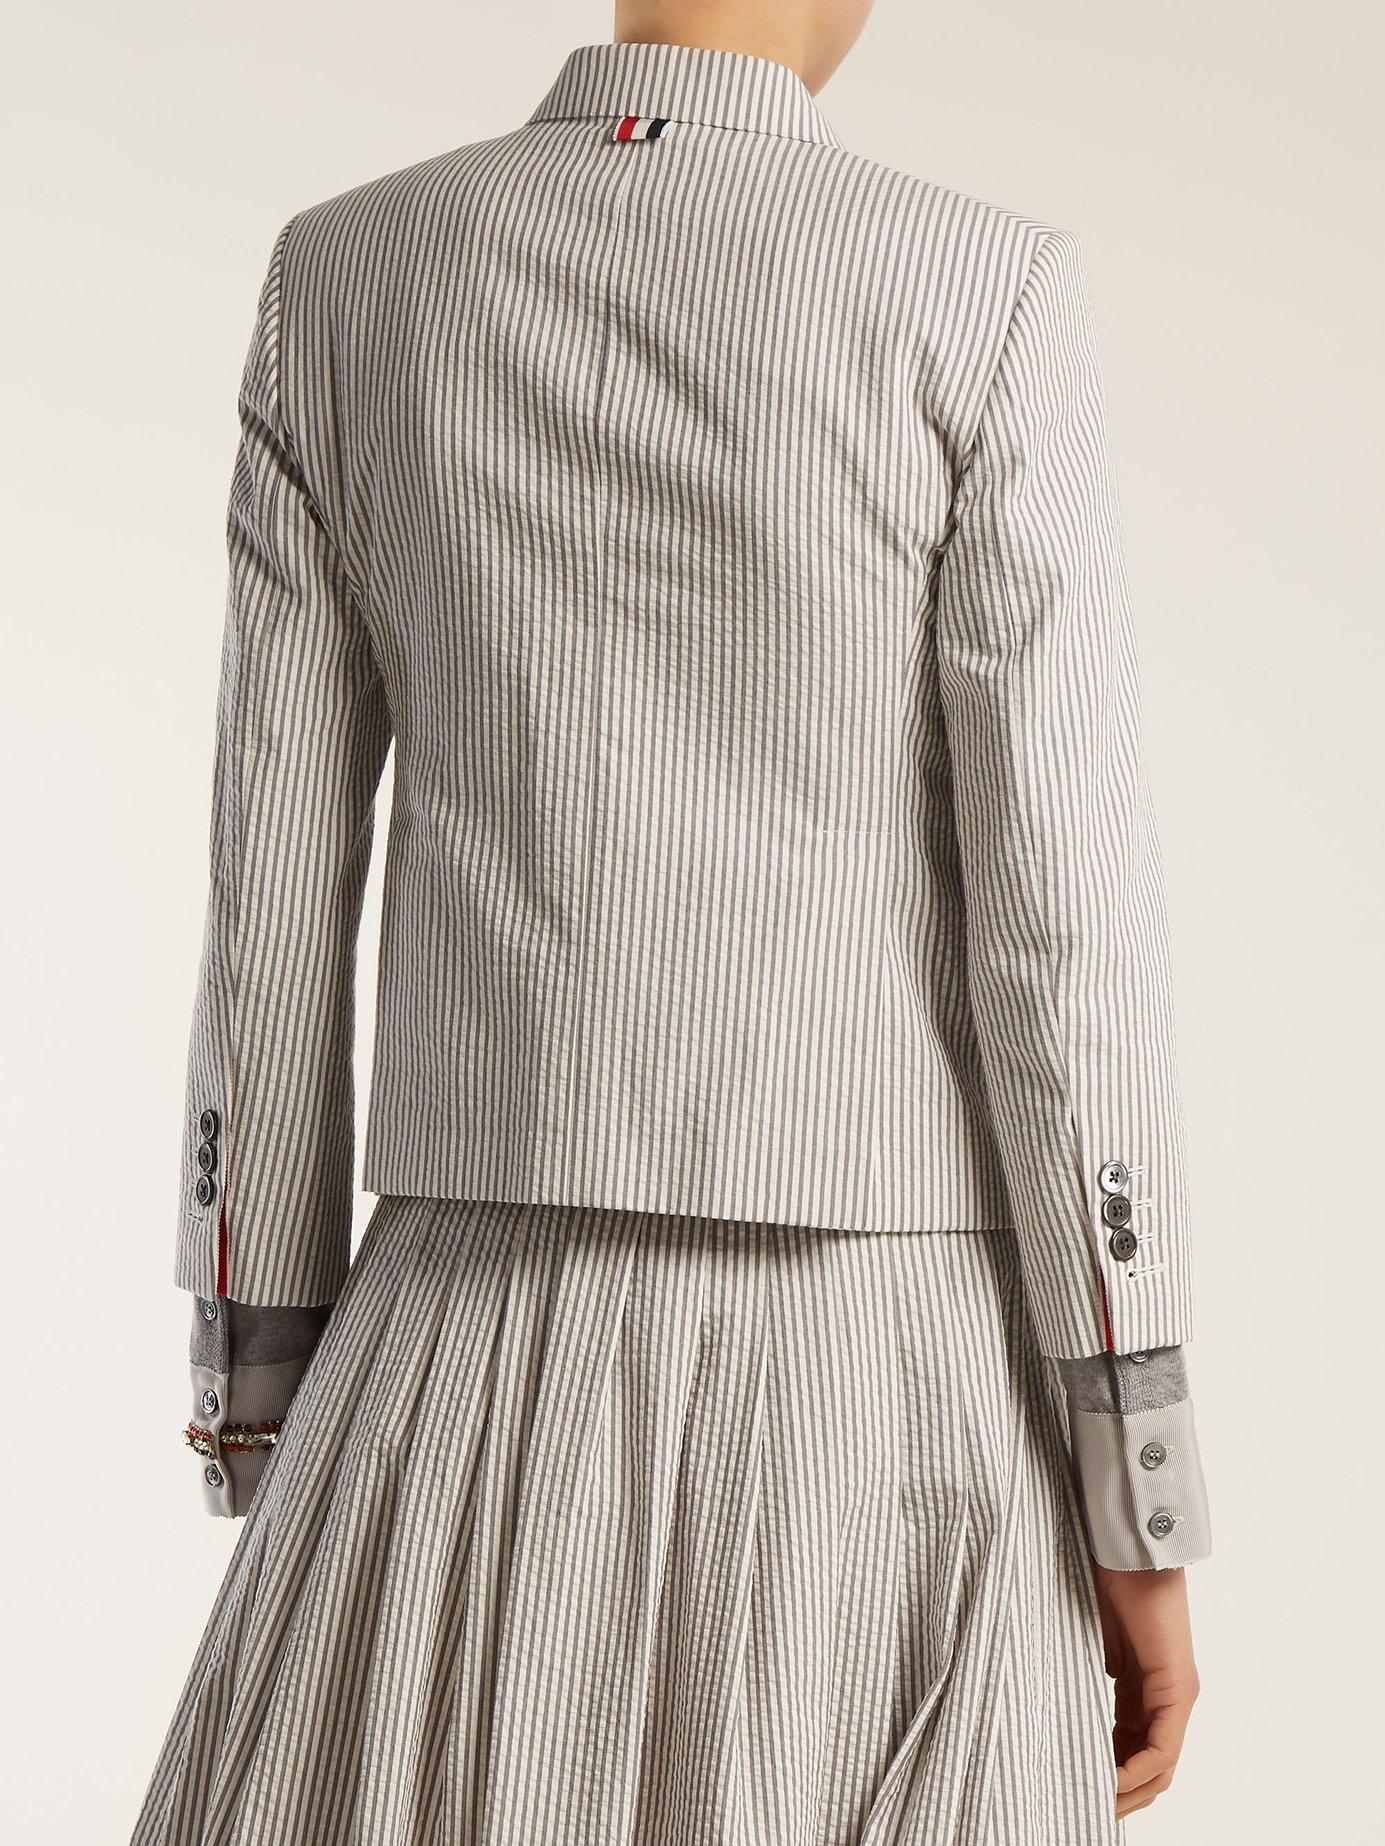 Striped seersucker blazer by Thom Browne